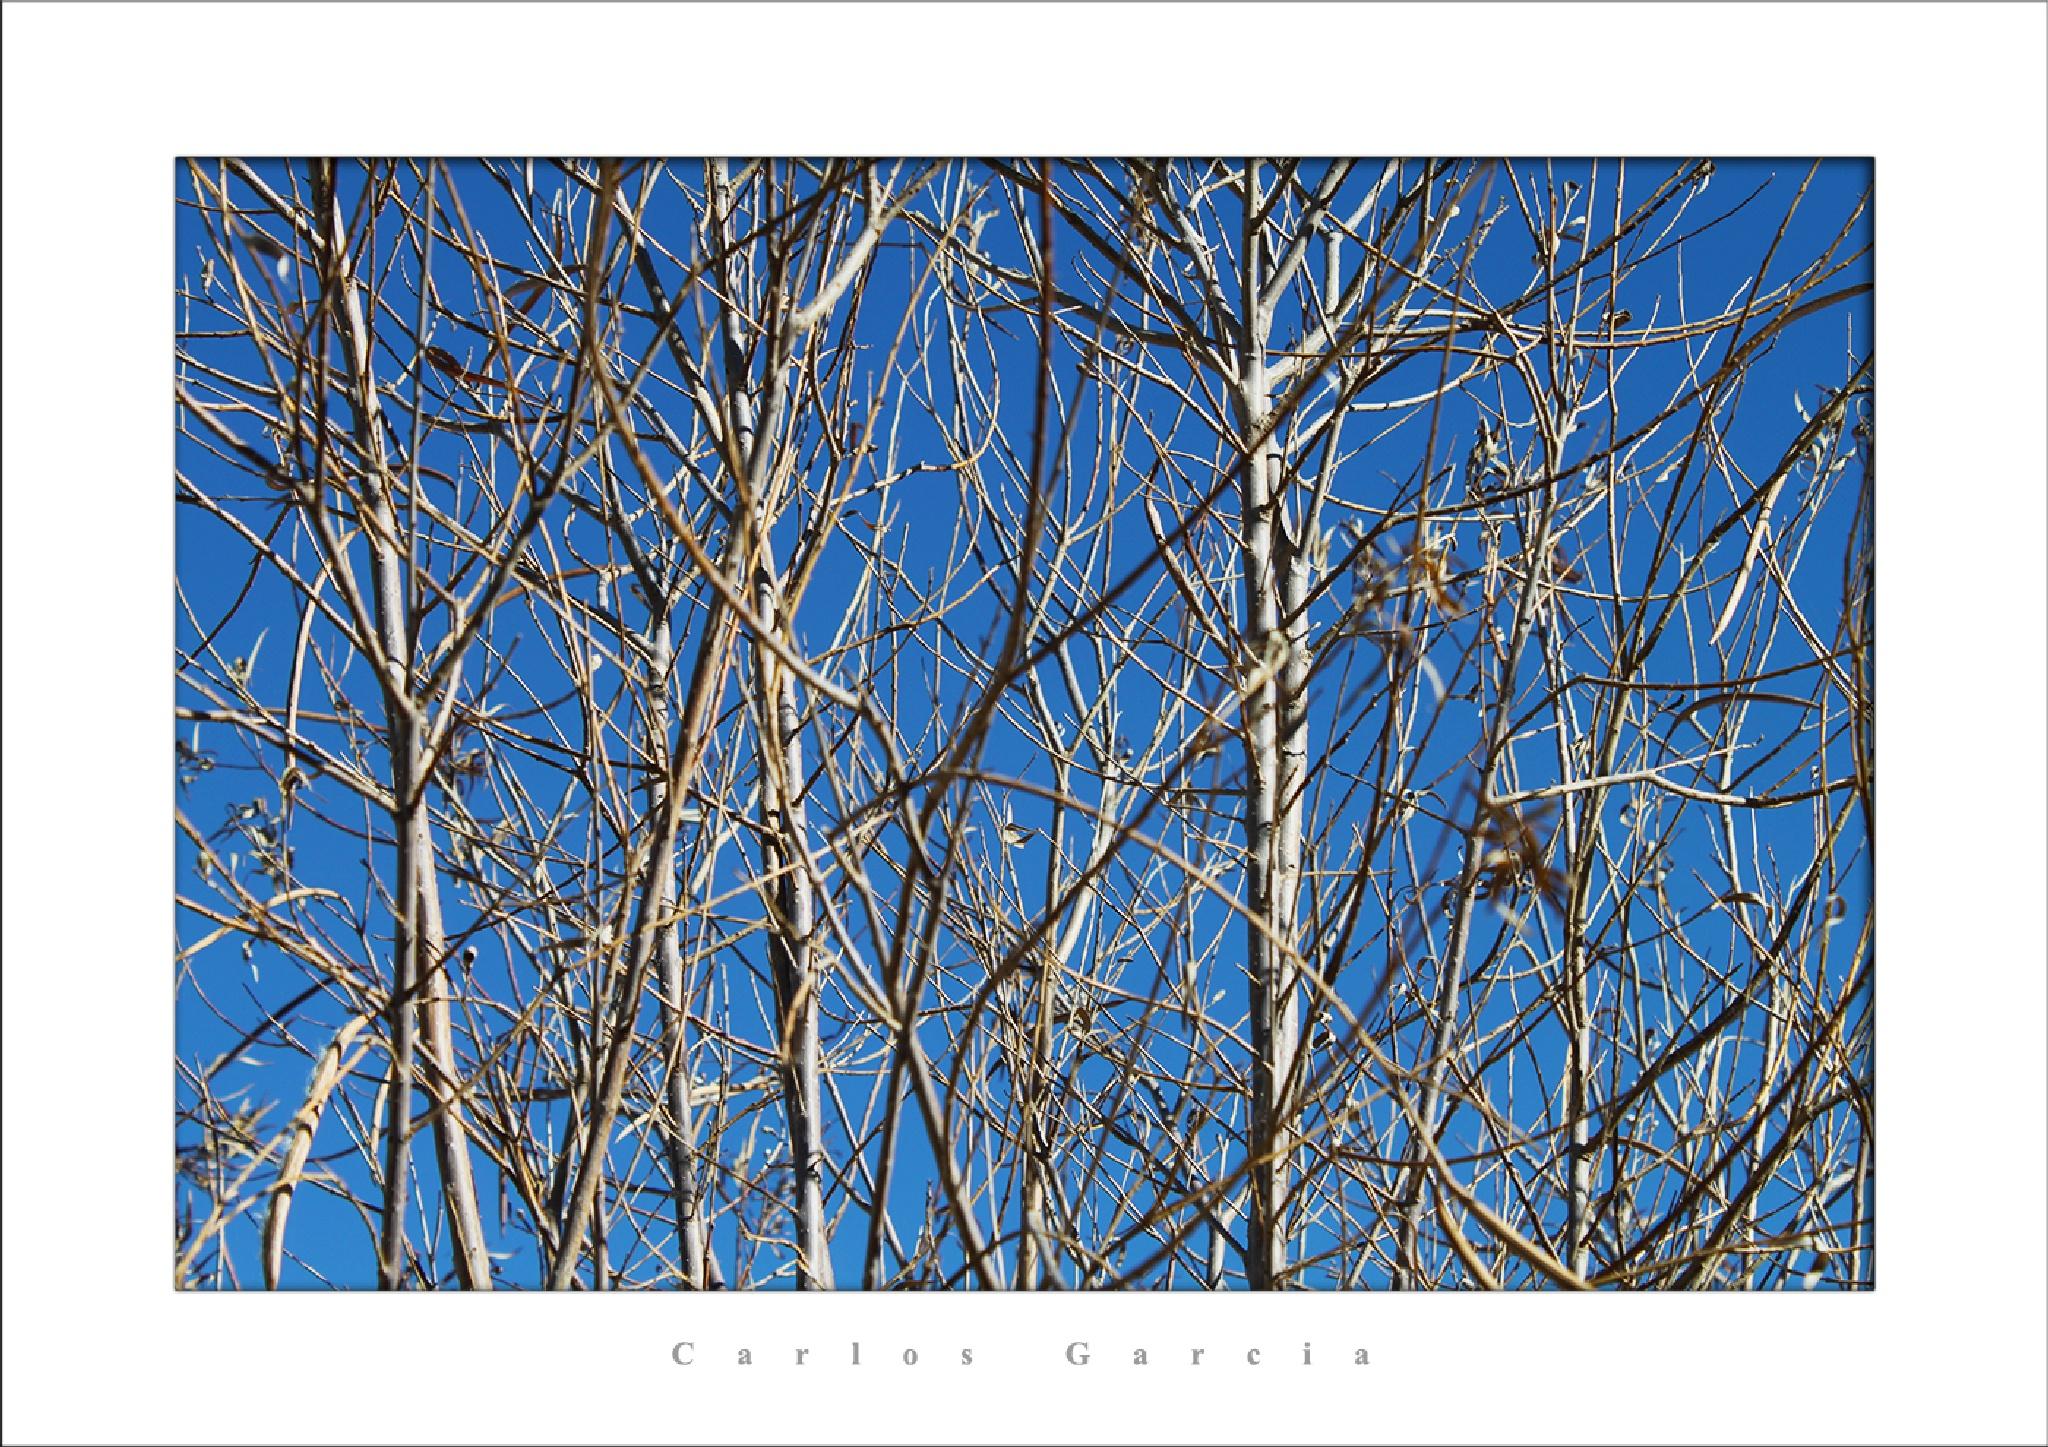 Albuquerque - Novo México - EUA / Albuquerque - New Mexico - USA by Carlos Alberto Garcia Neto